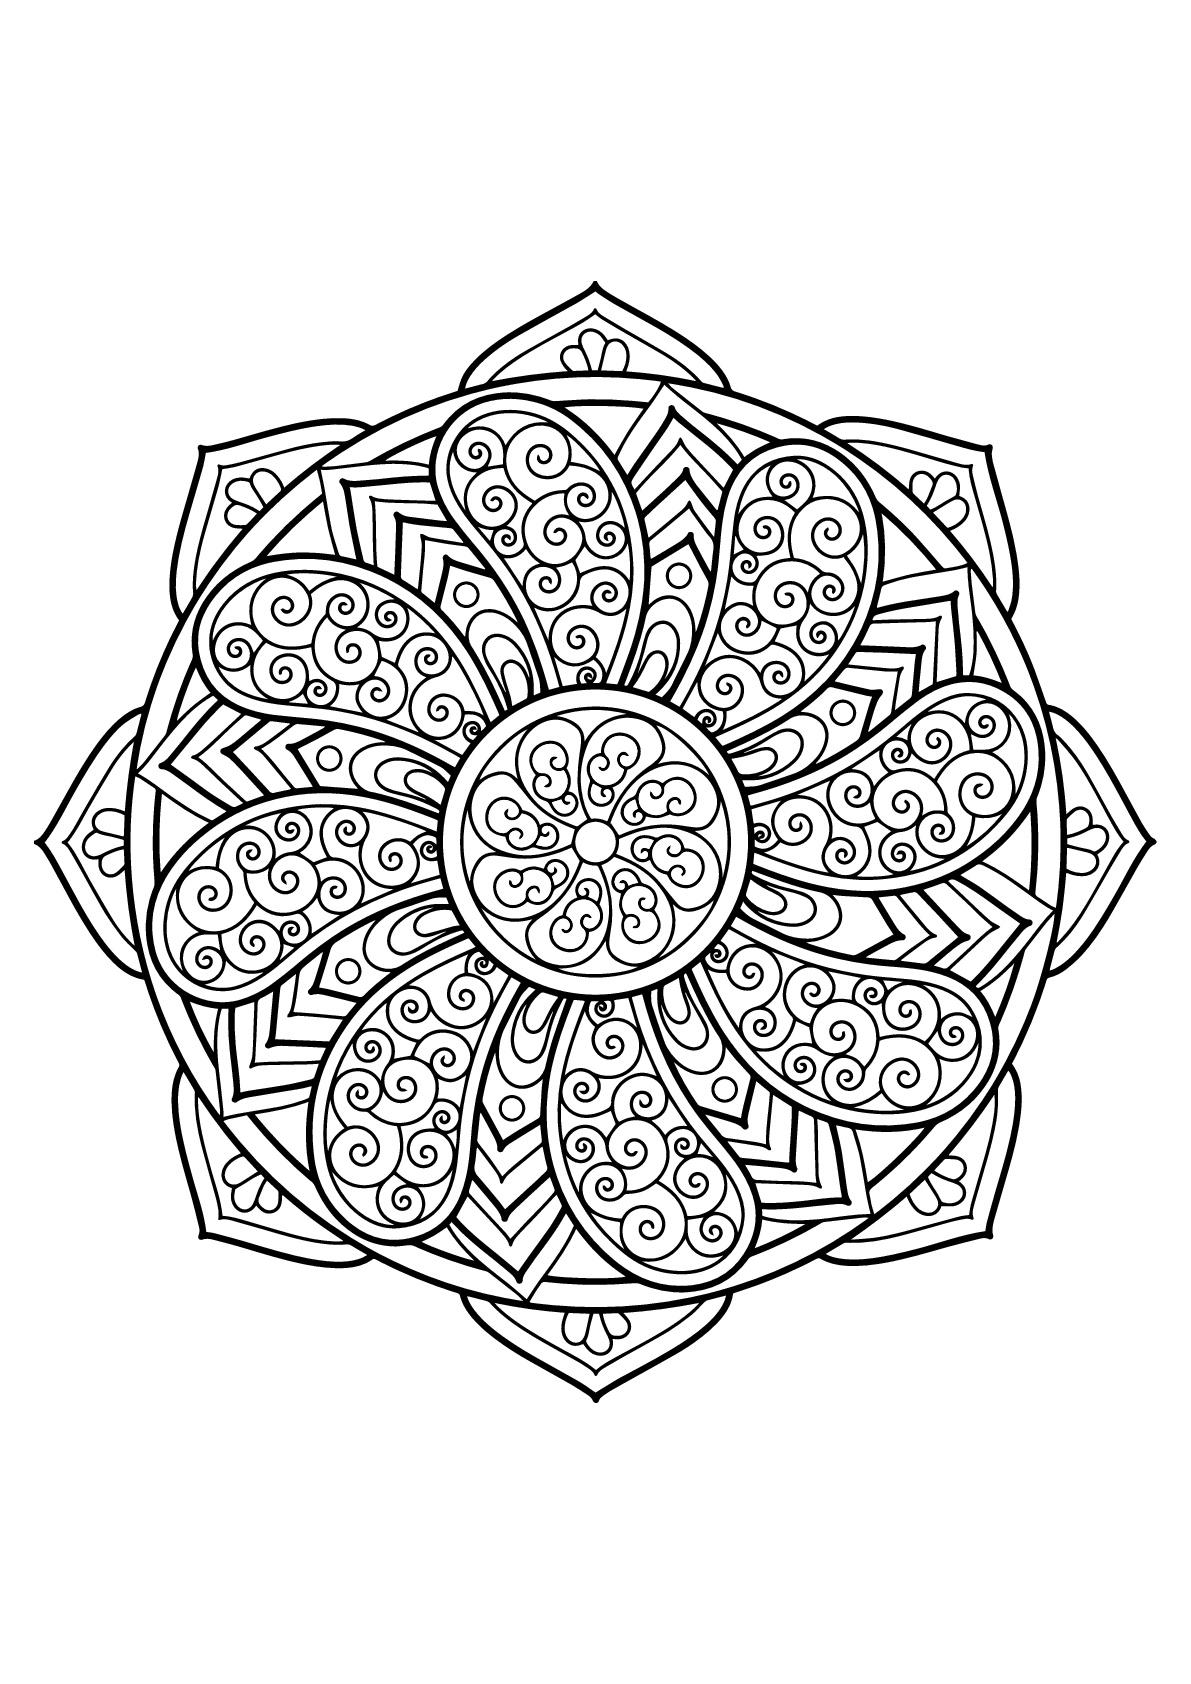 Mandalas 16898 Mandalas Colorear